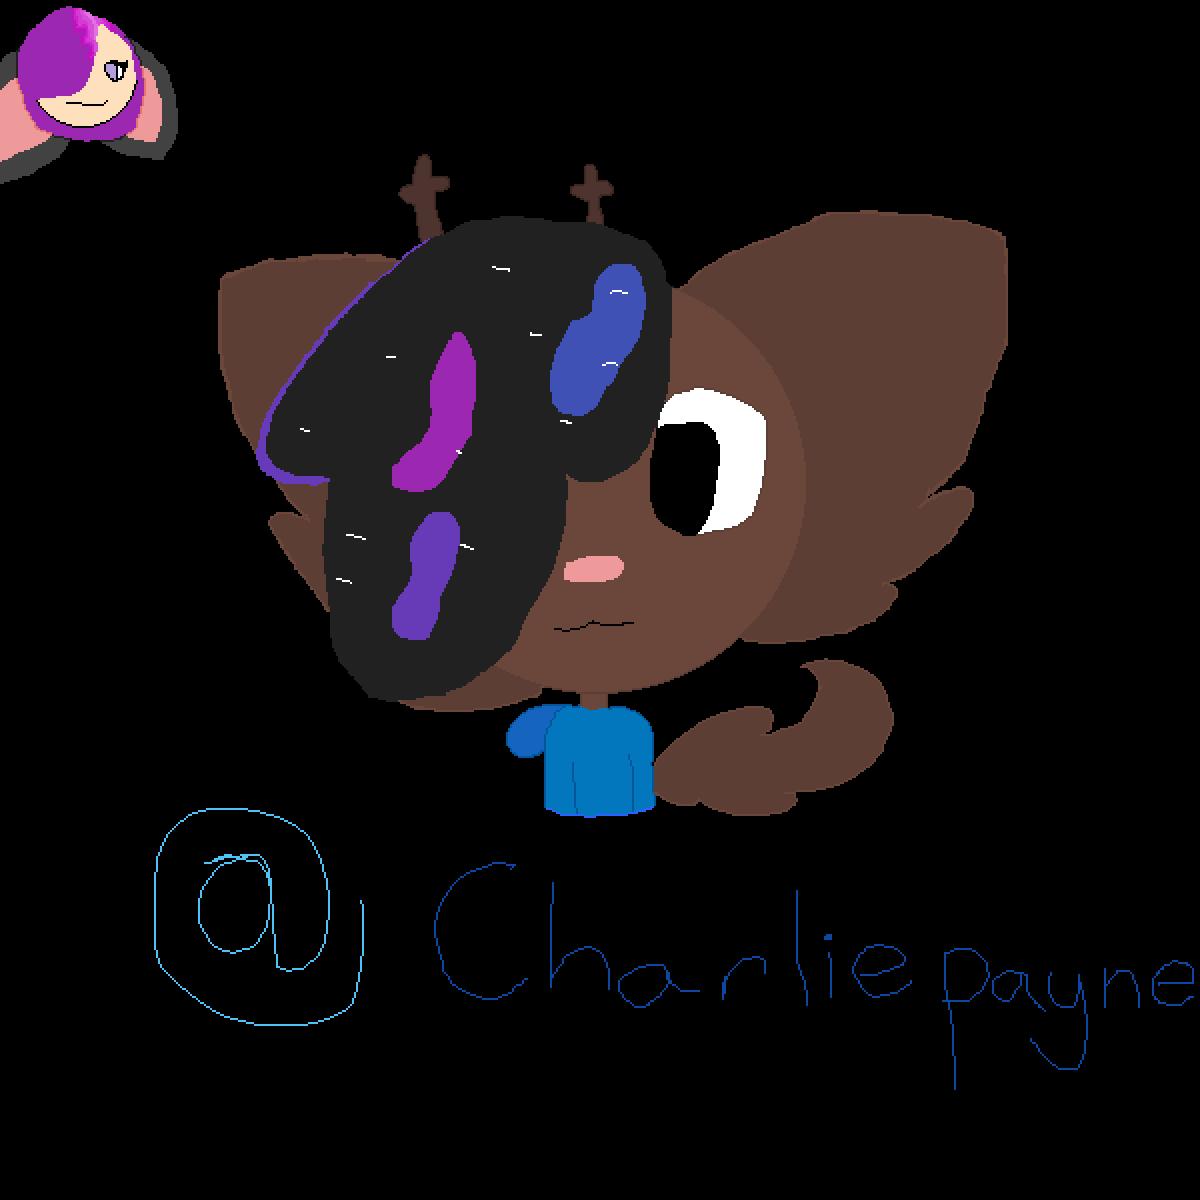 @Charliepayne